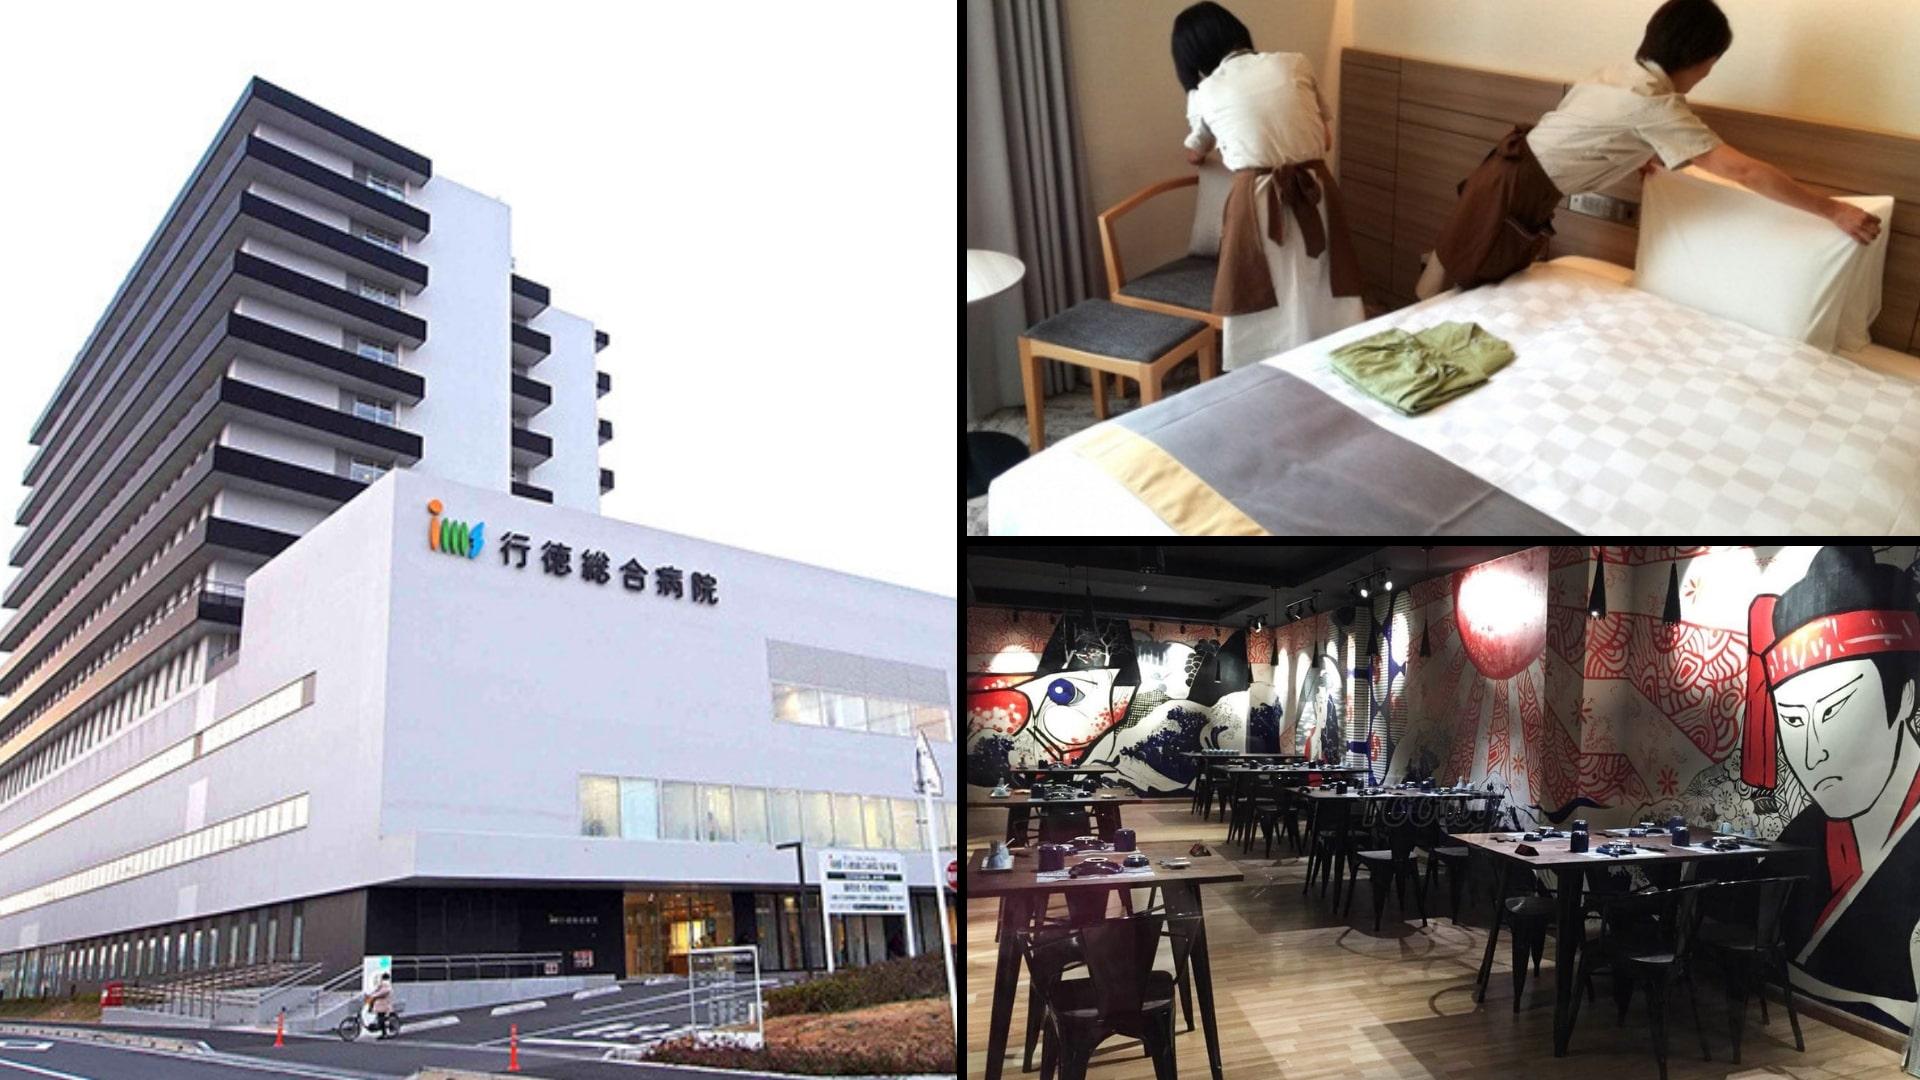 5 SỰ THẬT về đơn hàng vệ sinh tòa nhà khi đi XKLĐ Nhật Bản